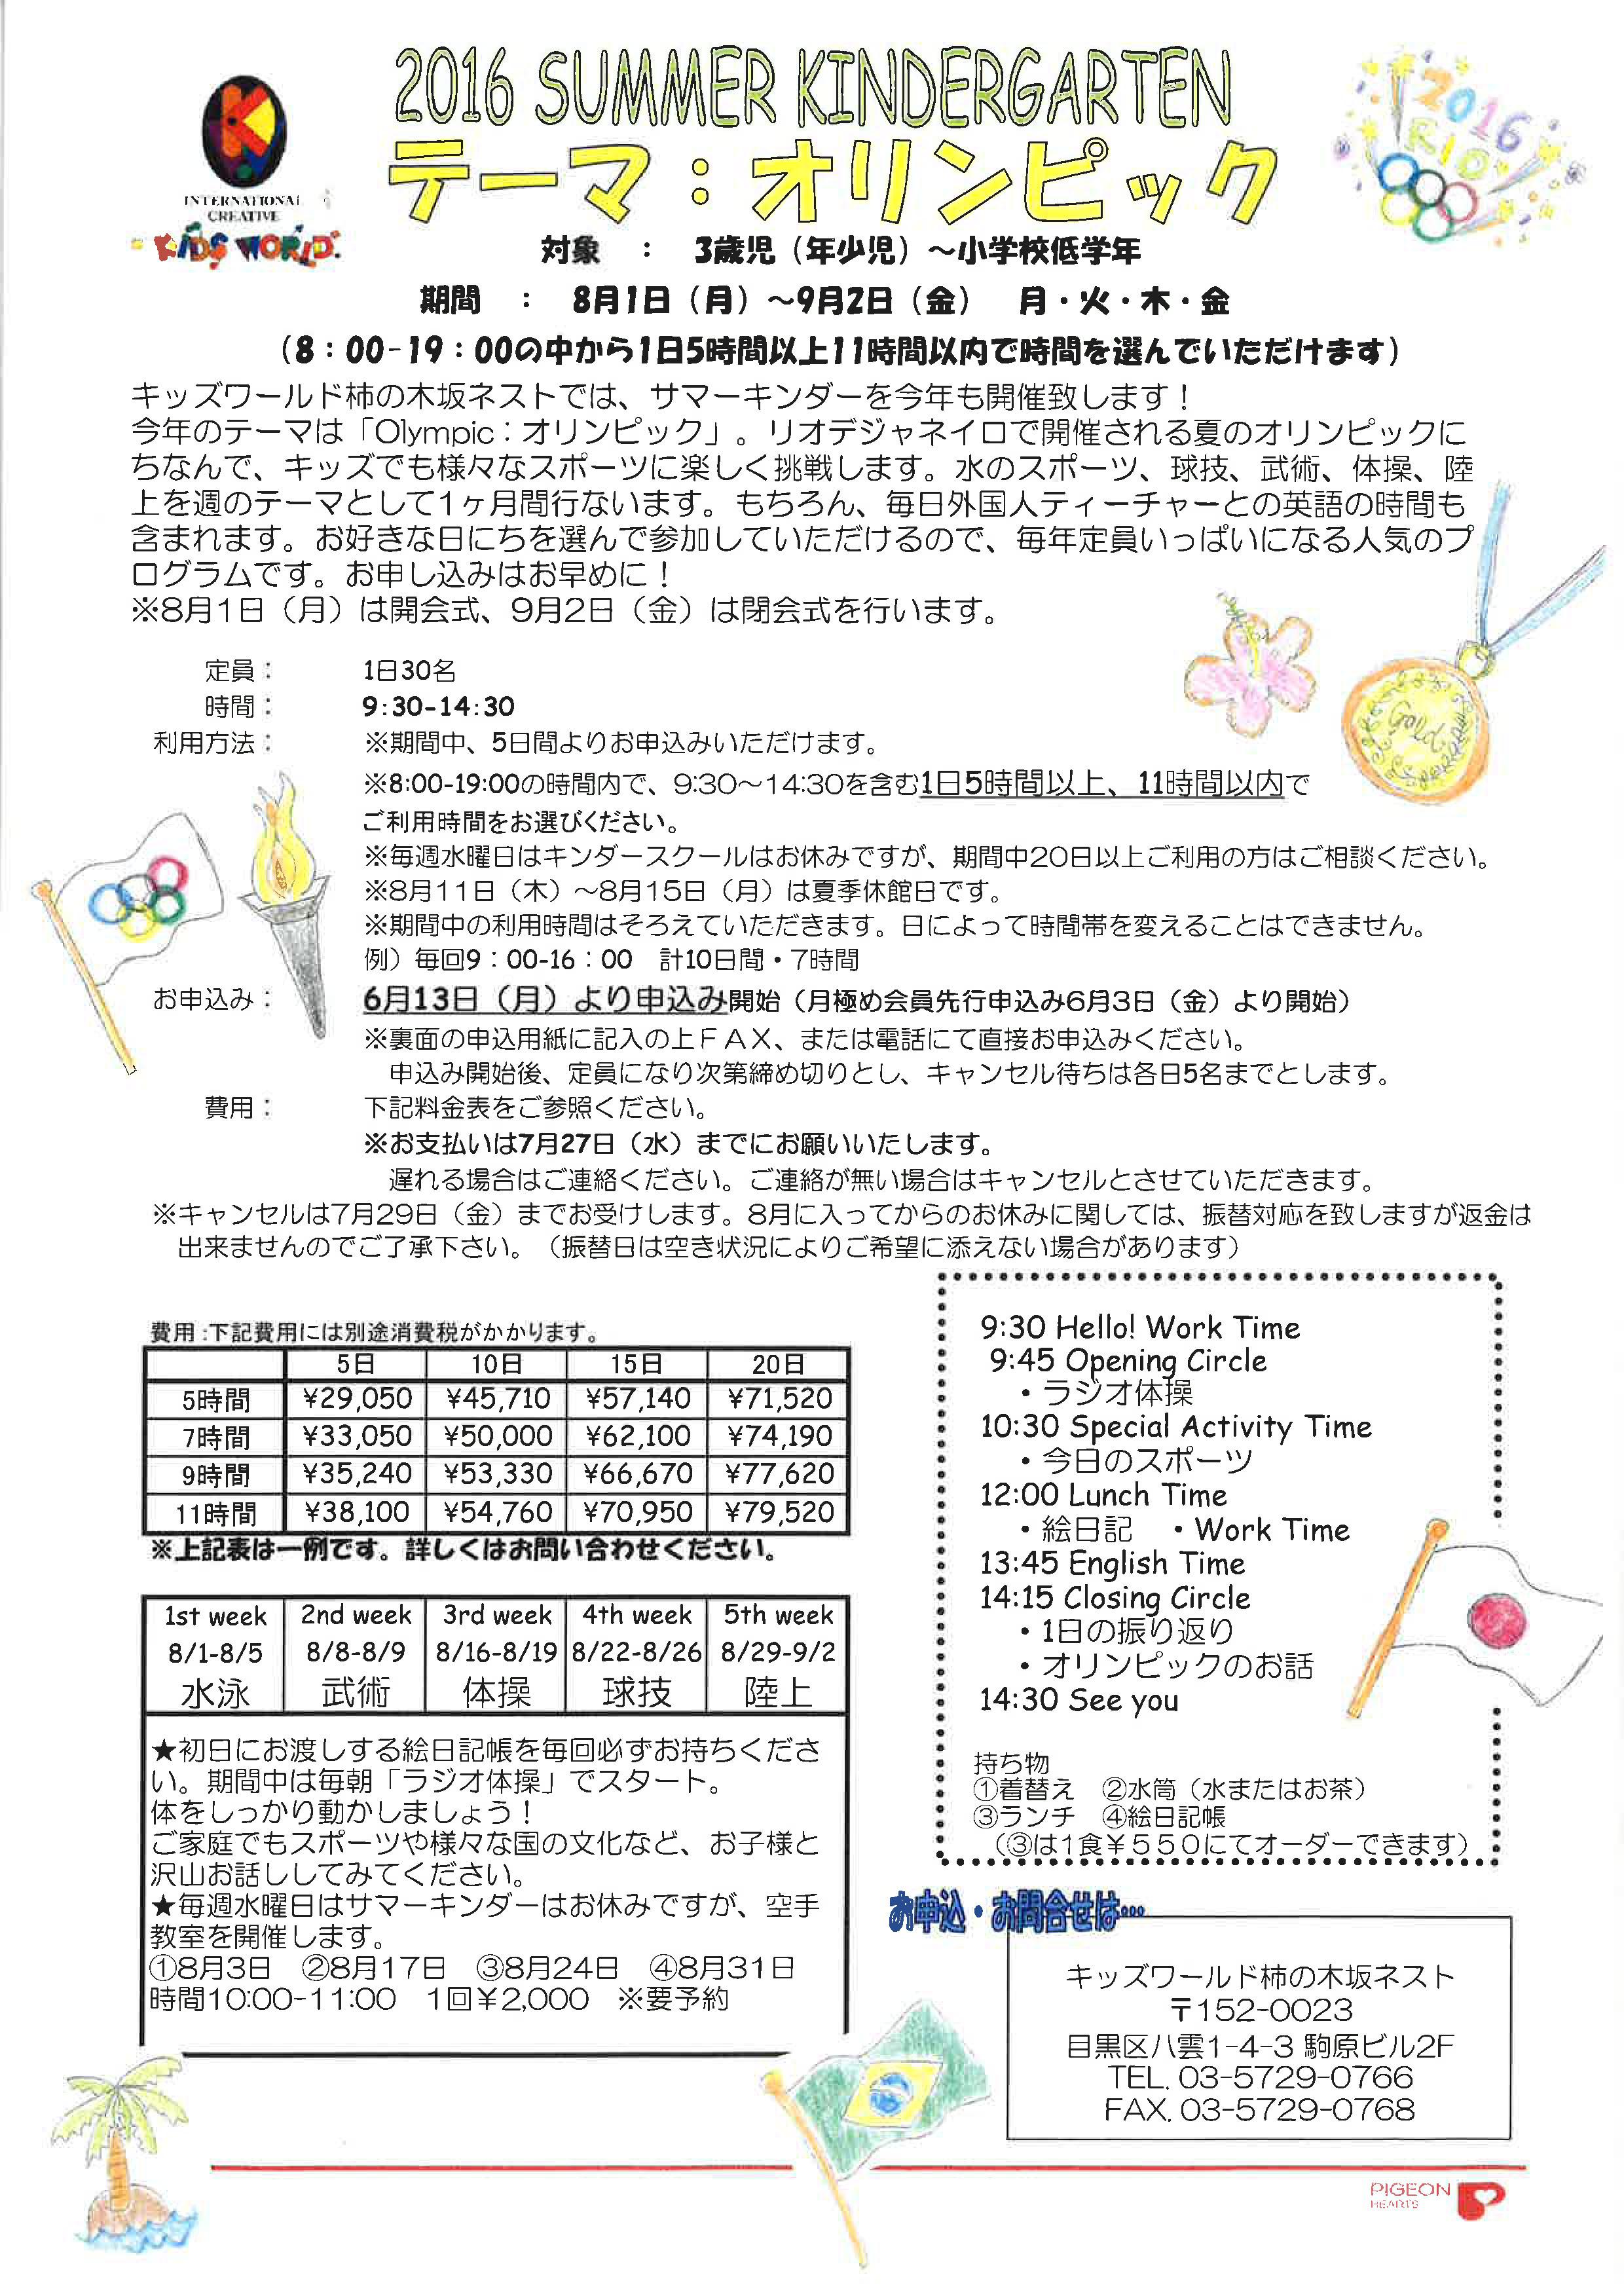 柿の木坂-Summer-Kinder